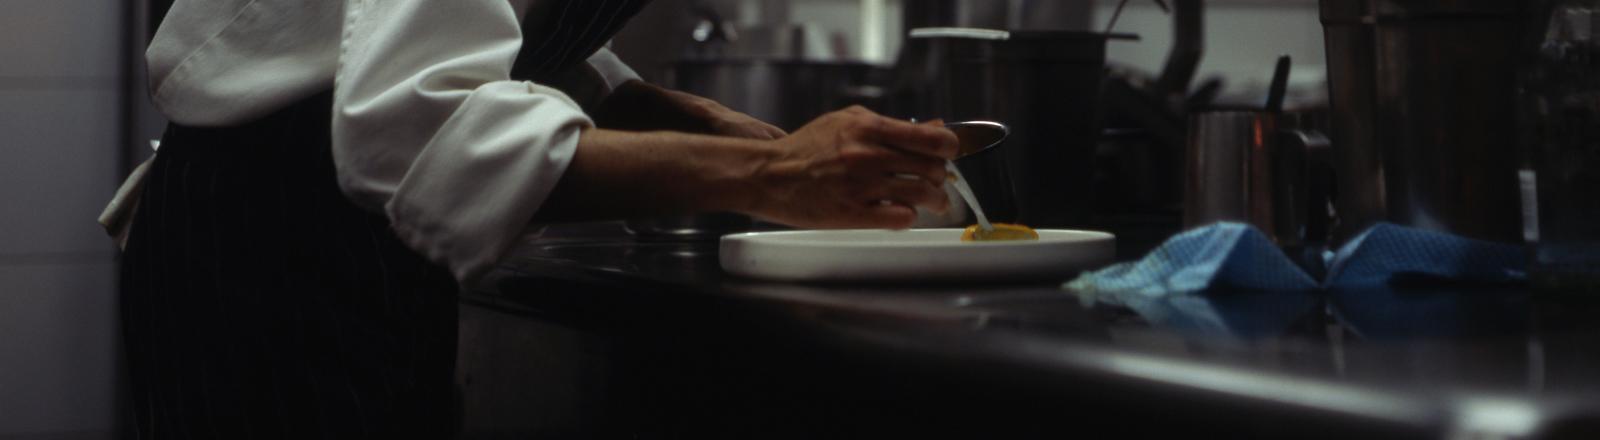 Ein Koch ist in der Großküche über eine Arbeitsfläche gebeugt und befüllt vorsichtig einen Teller